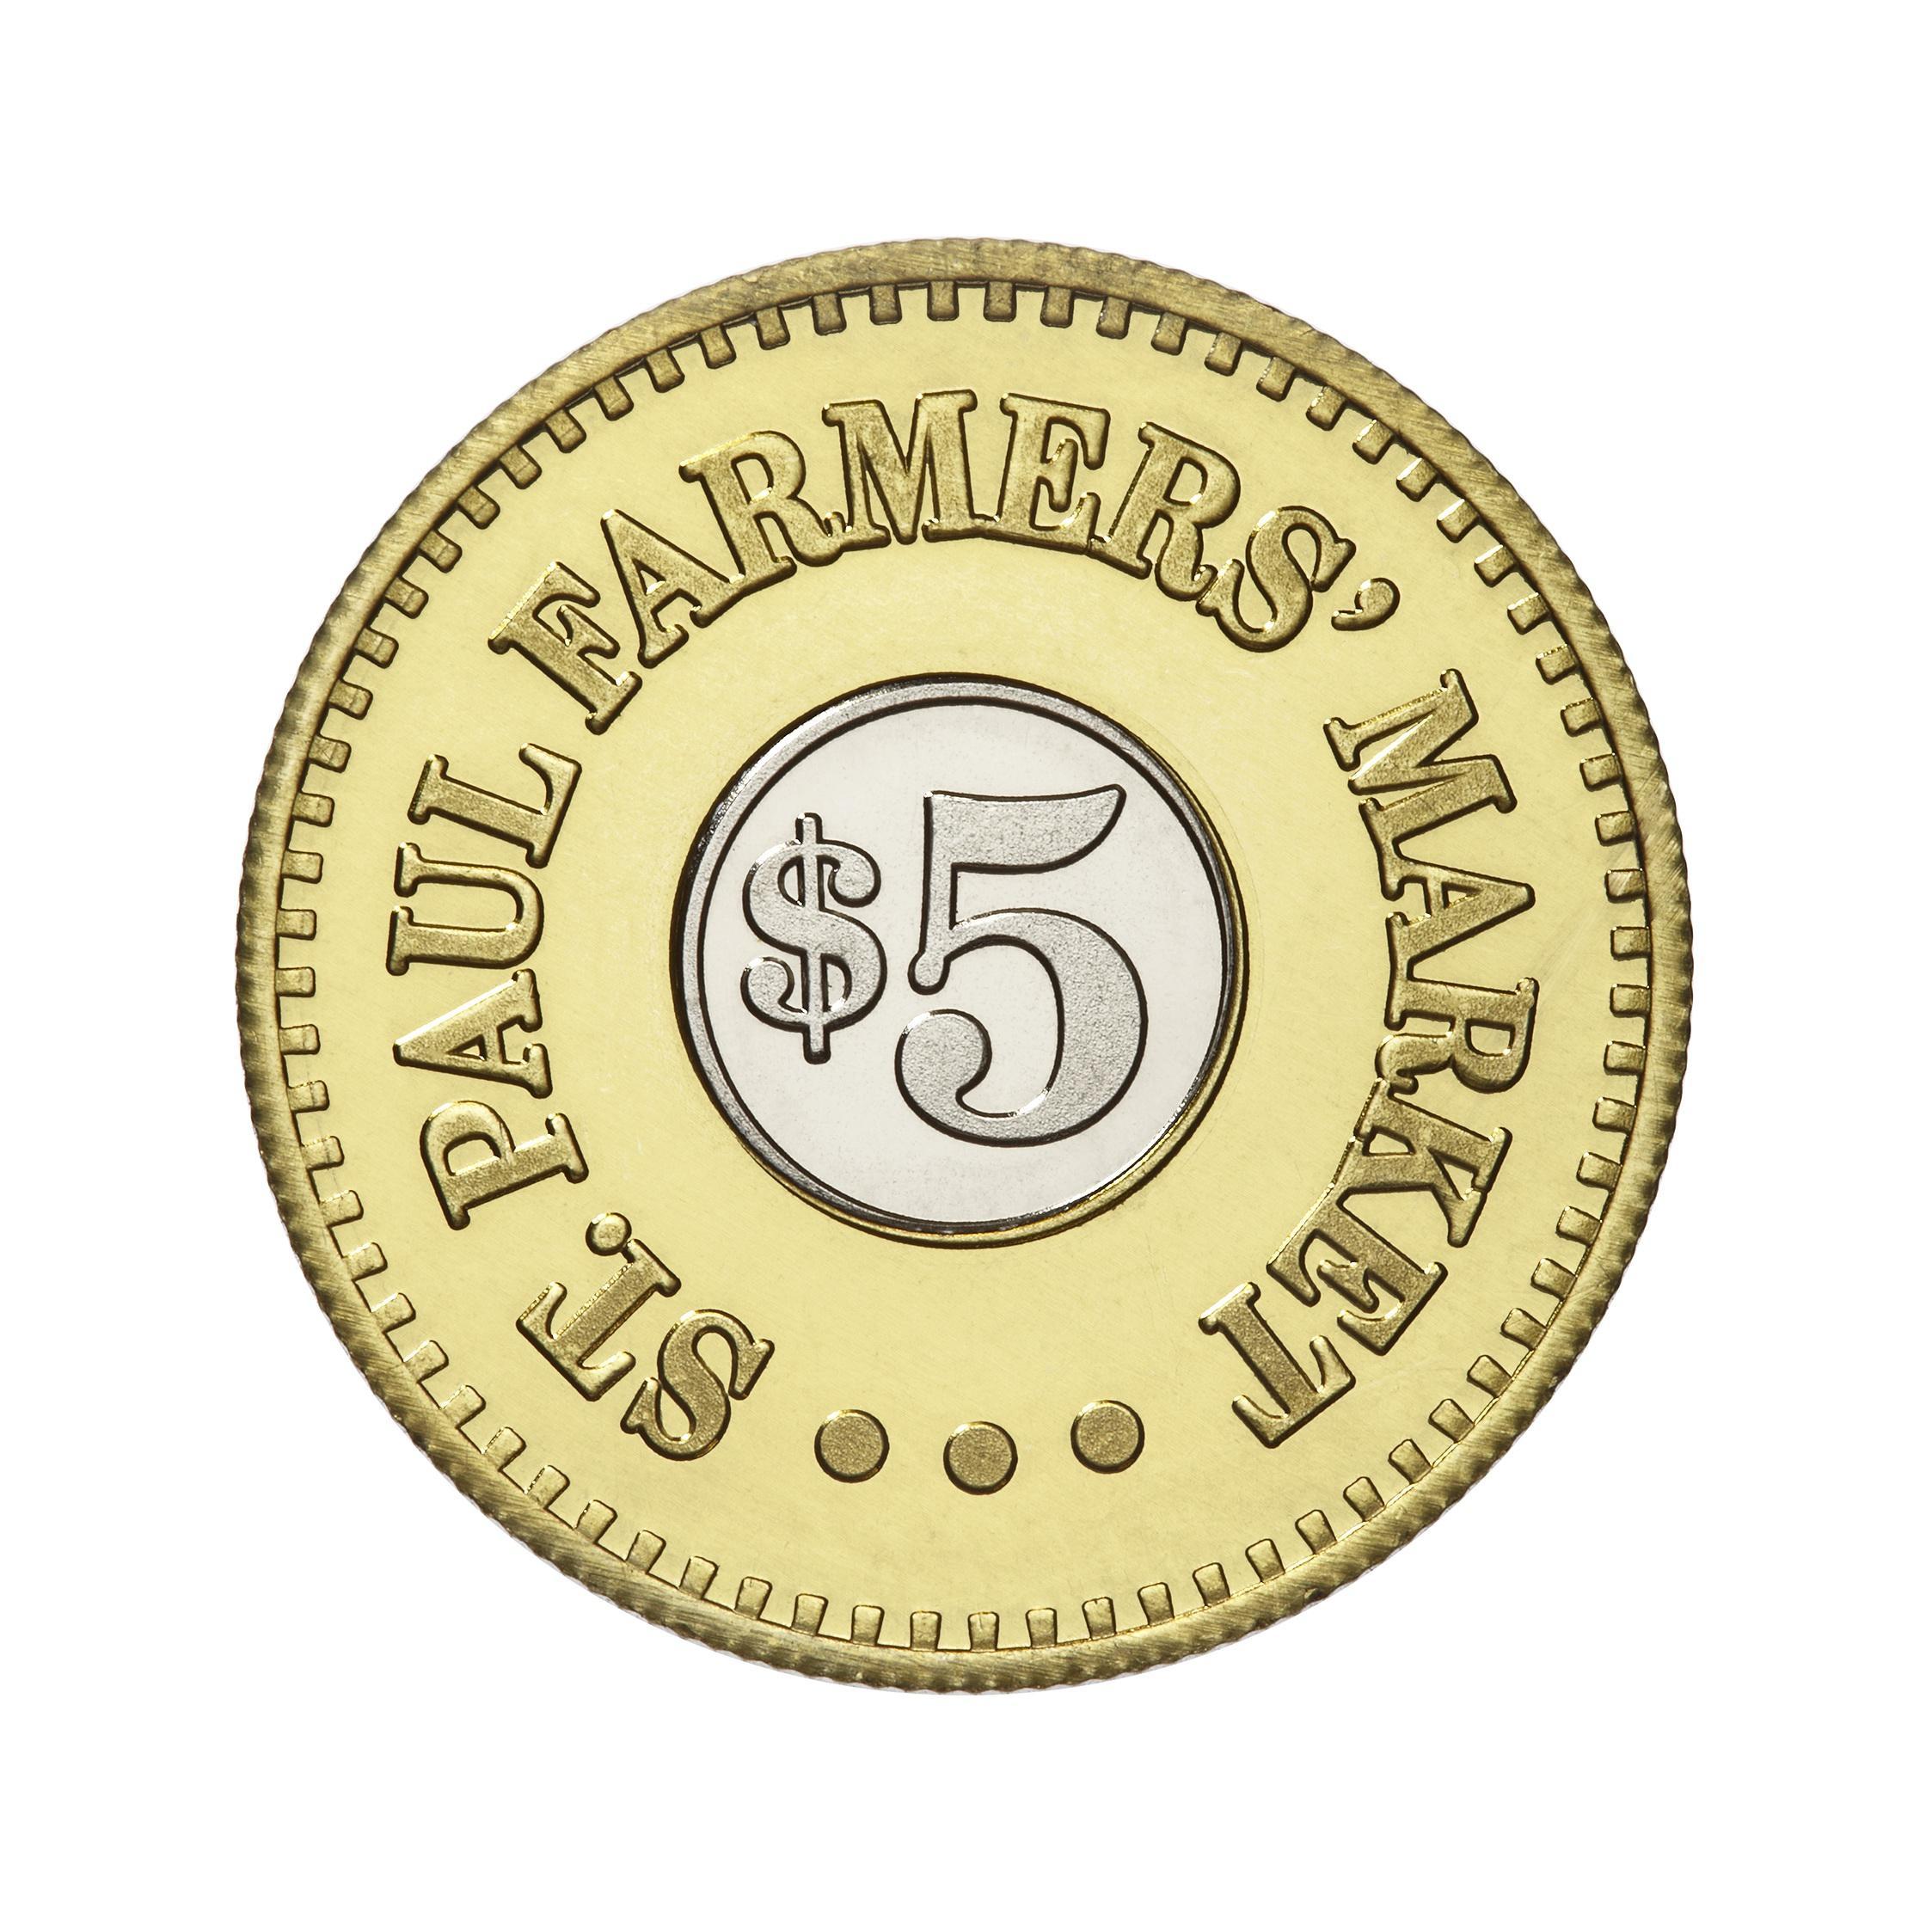 St Paul Farmer's Market custom token